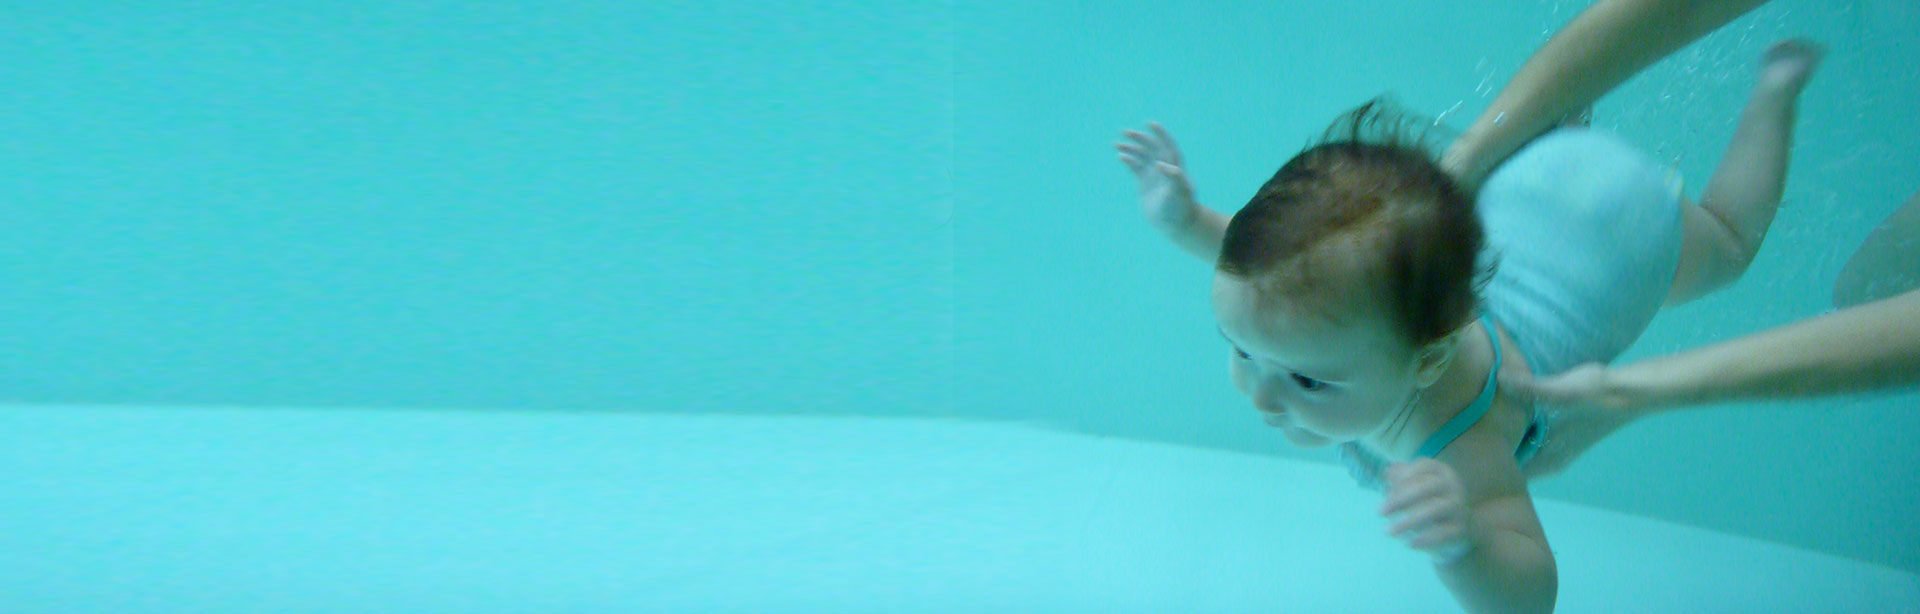 Babyschwimmen Linz - Institut Medaktiv - http://babyschwimmen-linz.at/